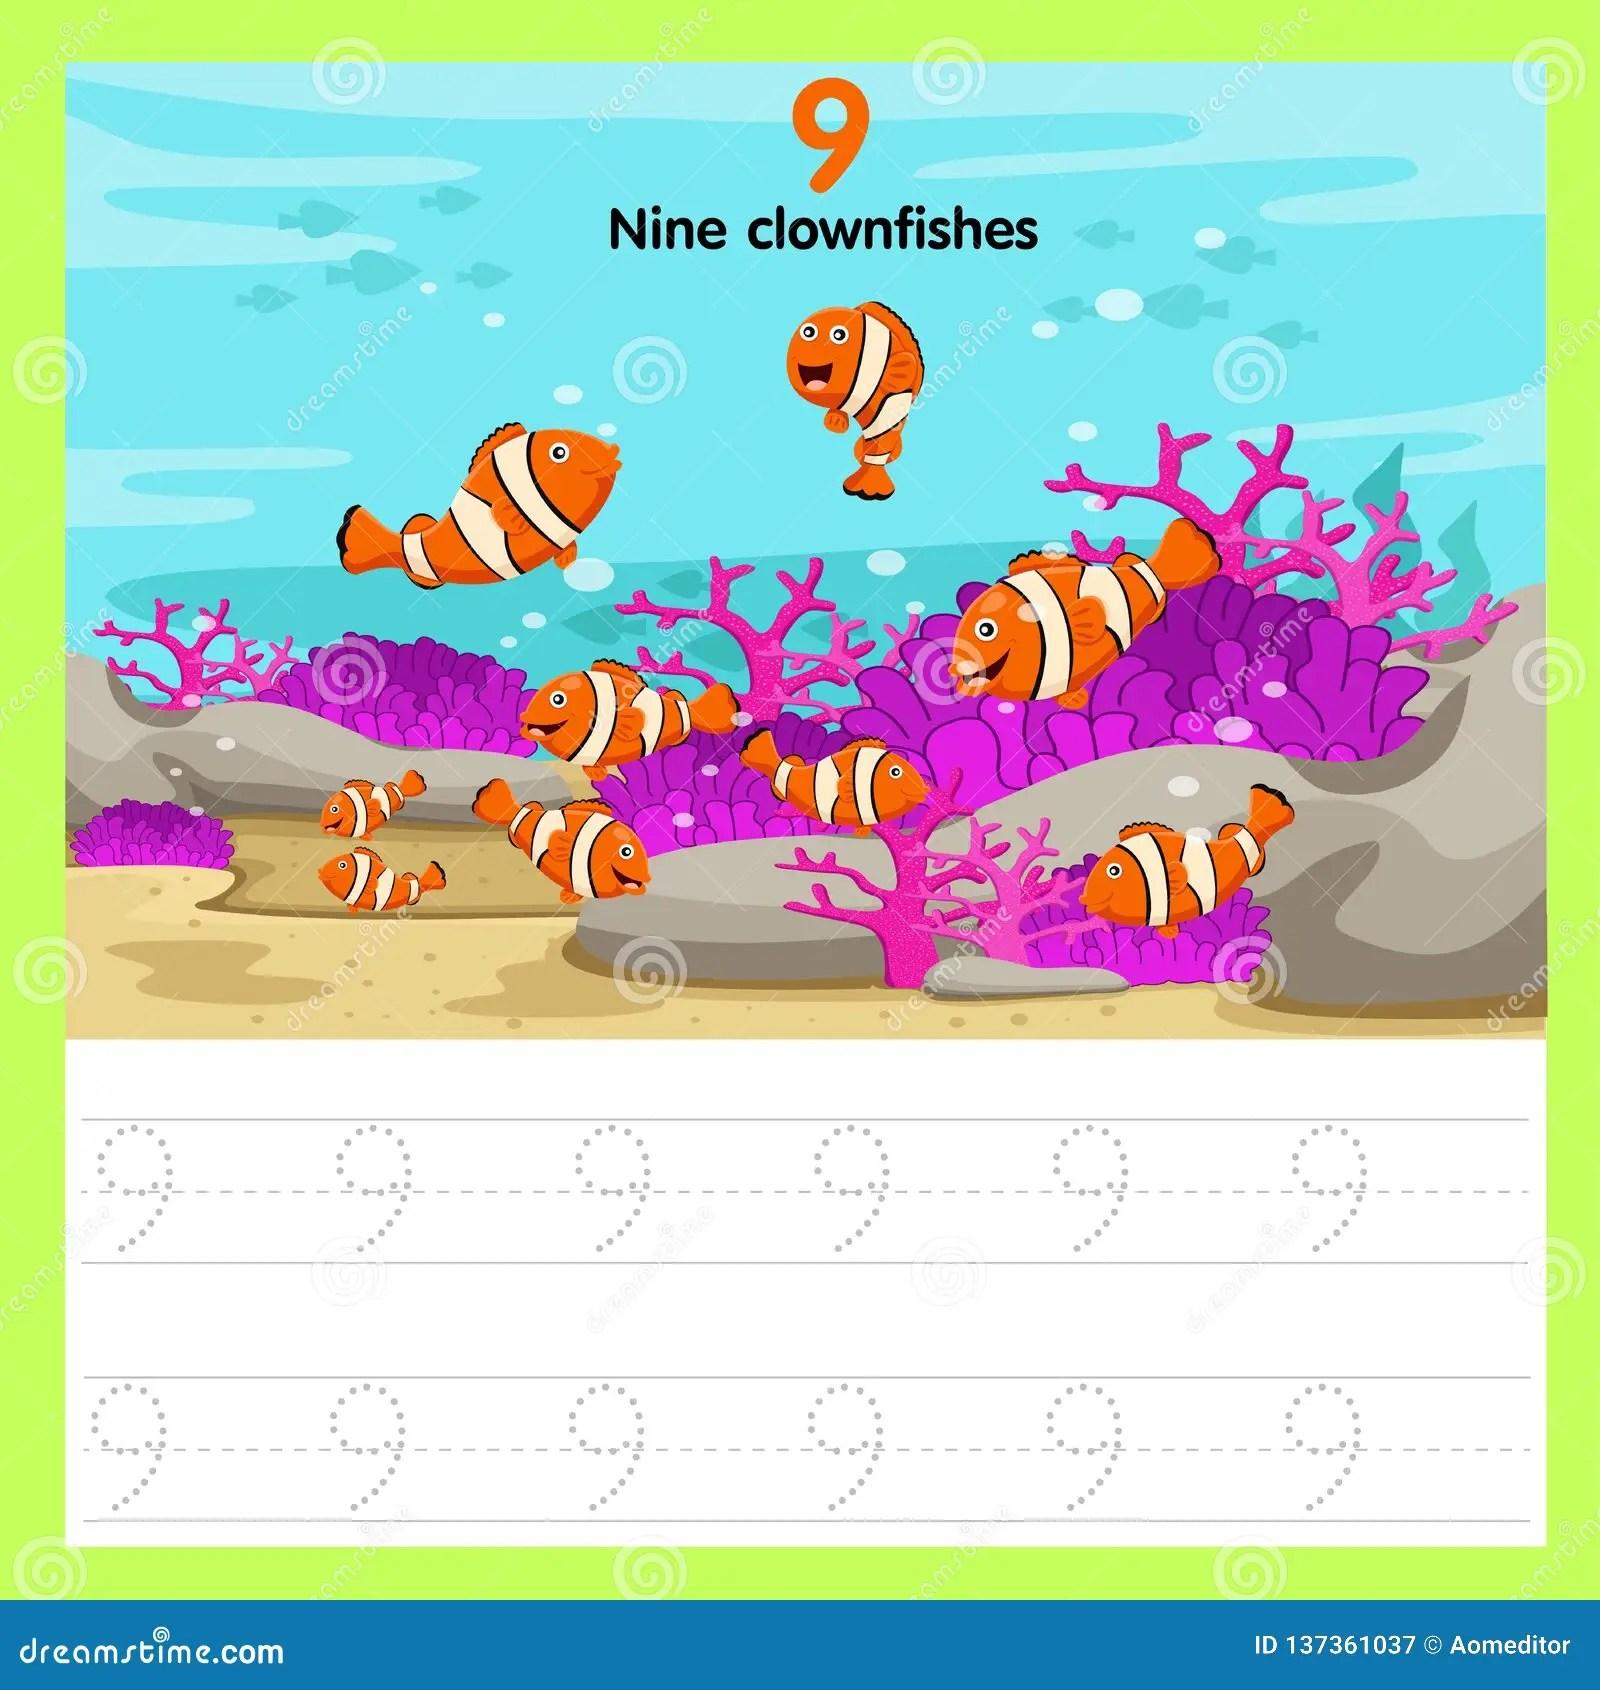 Illustrator Of Worksheet Nine Clown Fishes Stock Vector